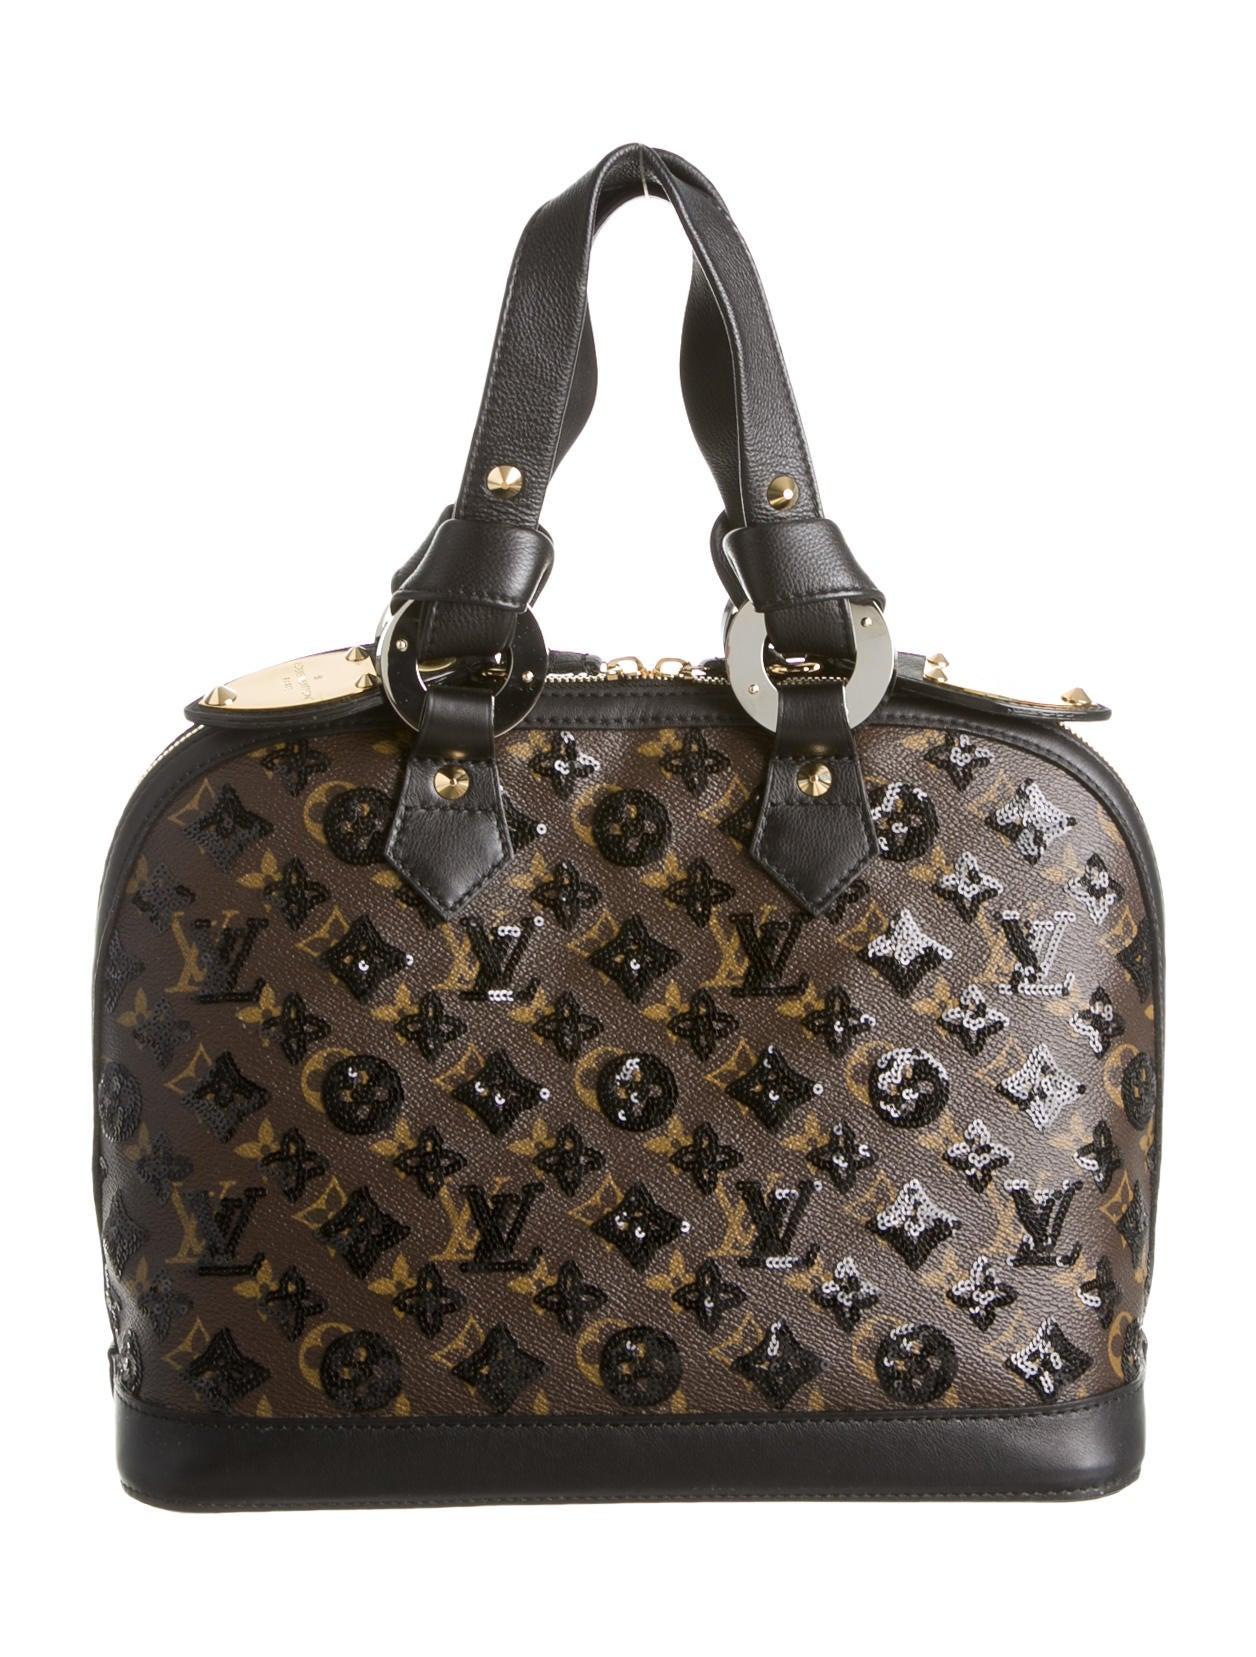 Louis vuitton alma eclipse bag handbags lou57348 the for Louis vuitton miroir alma bag price